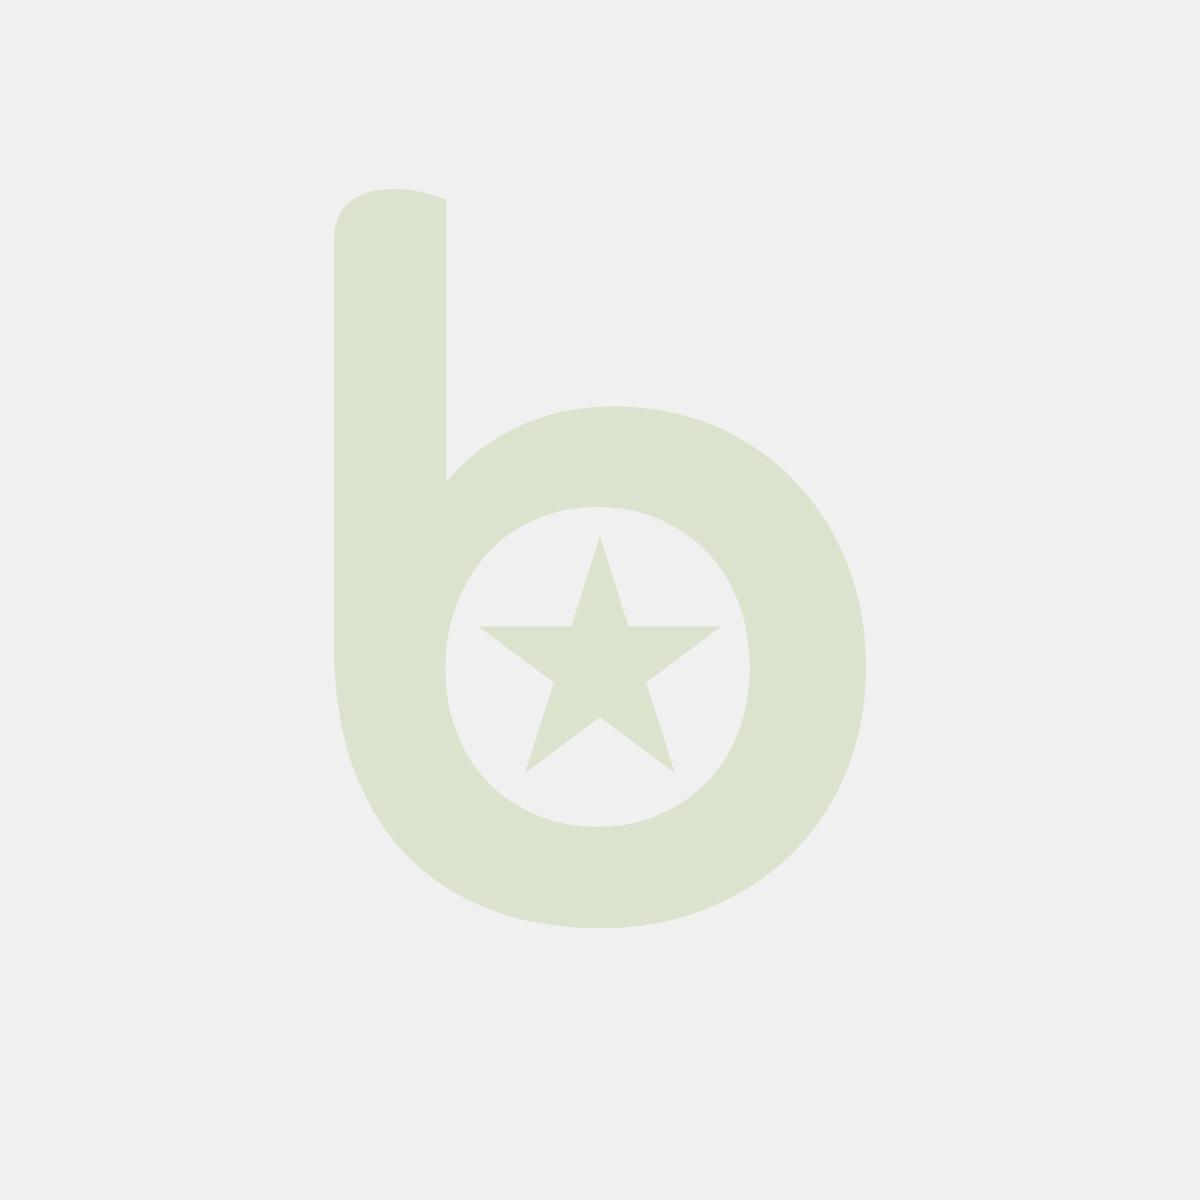 """FINGERFOOD - łyżka """"POSEJDON"""" krystaliczna PS 9,1x3,9xh.1,8cm op. 25 sztuk"""